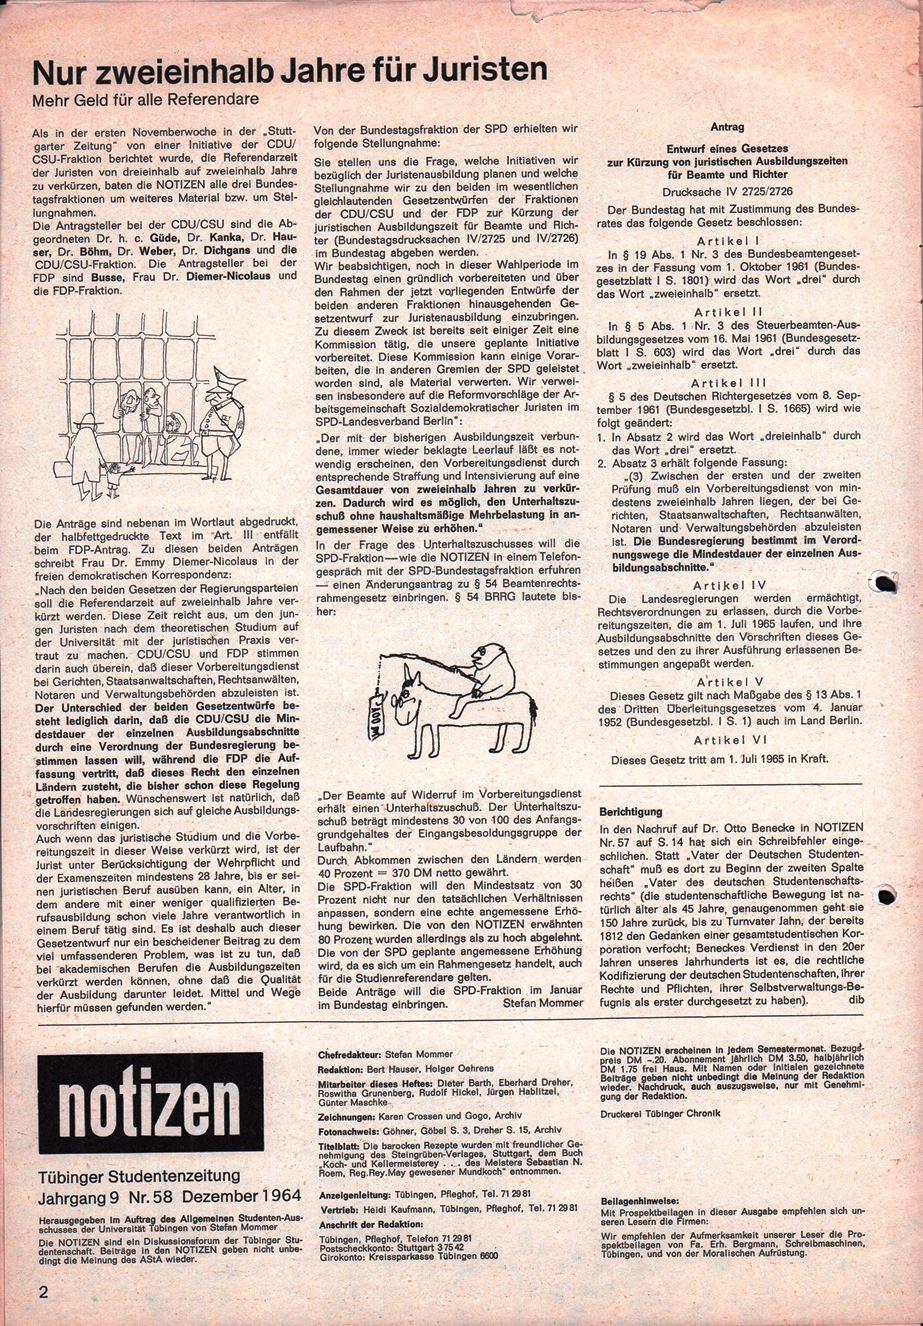 Tuebingen_Notizen043